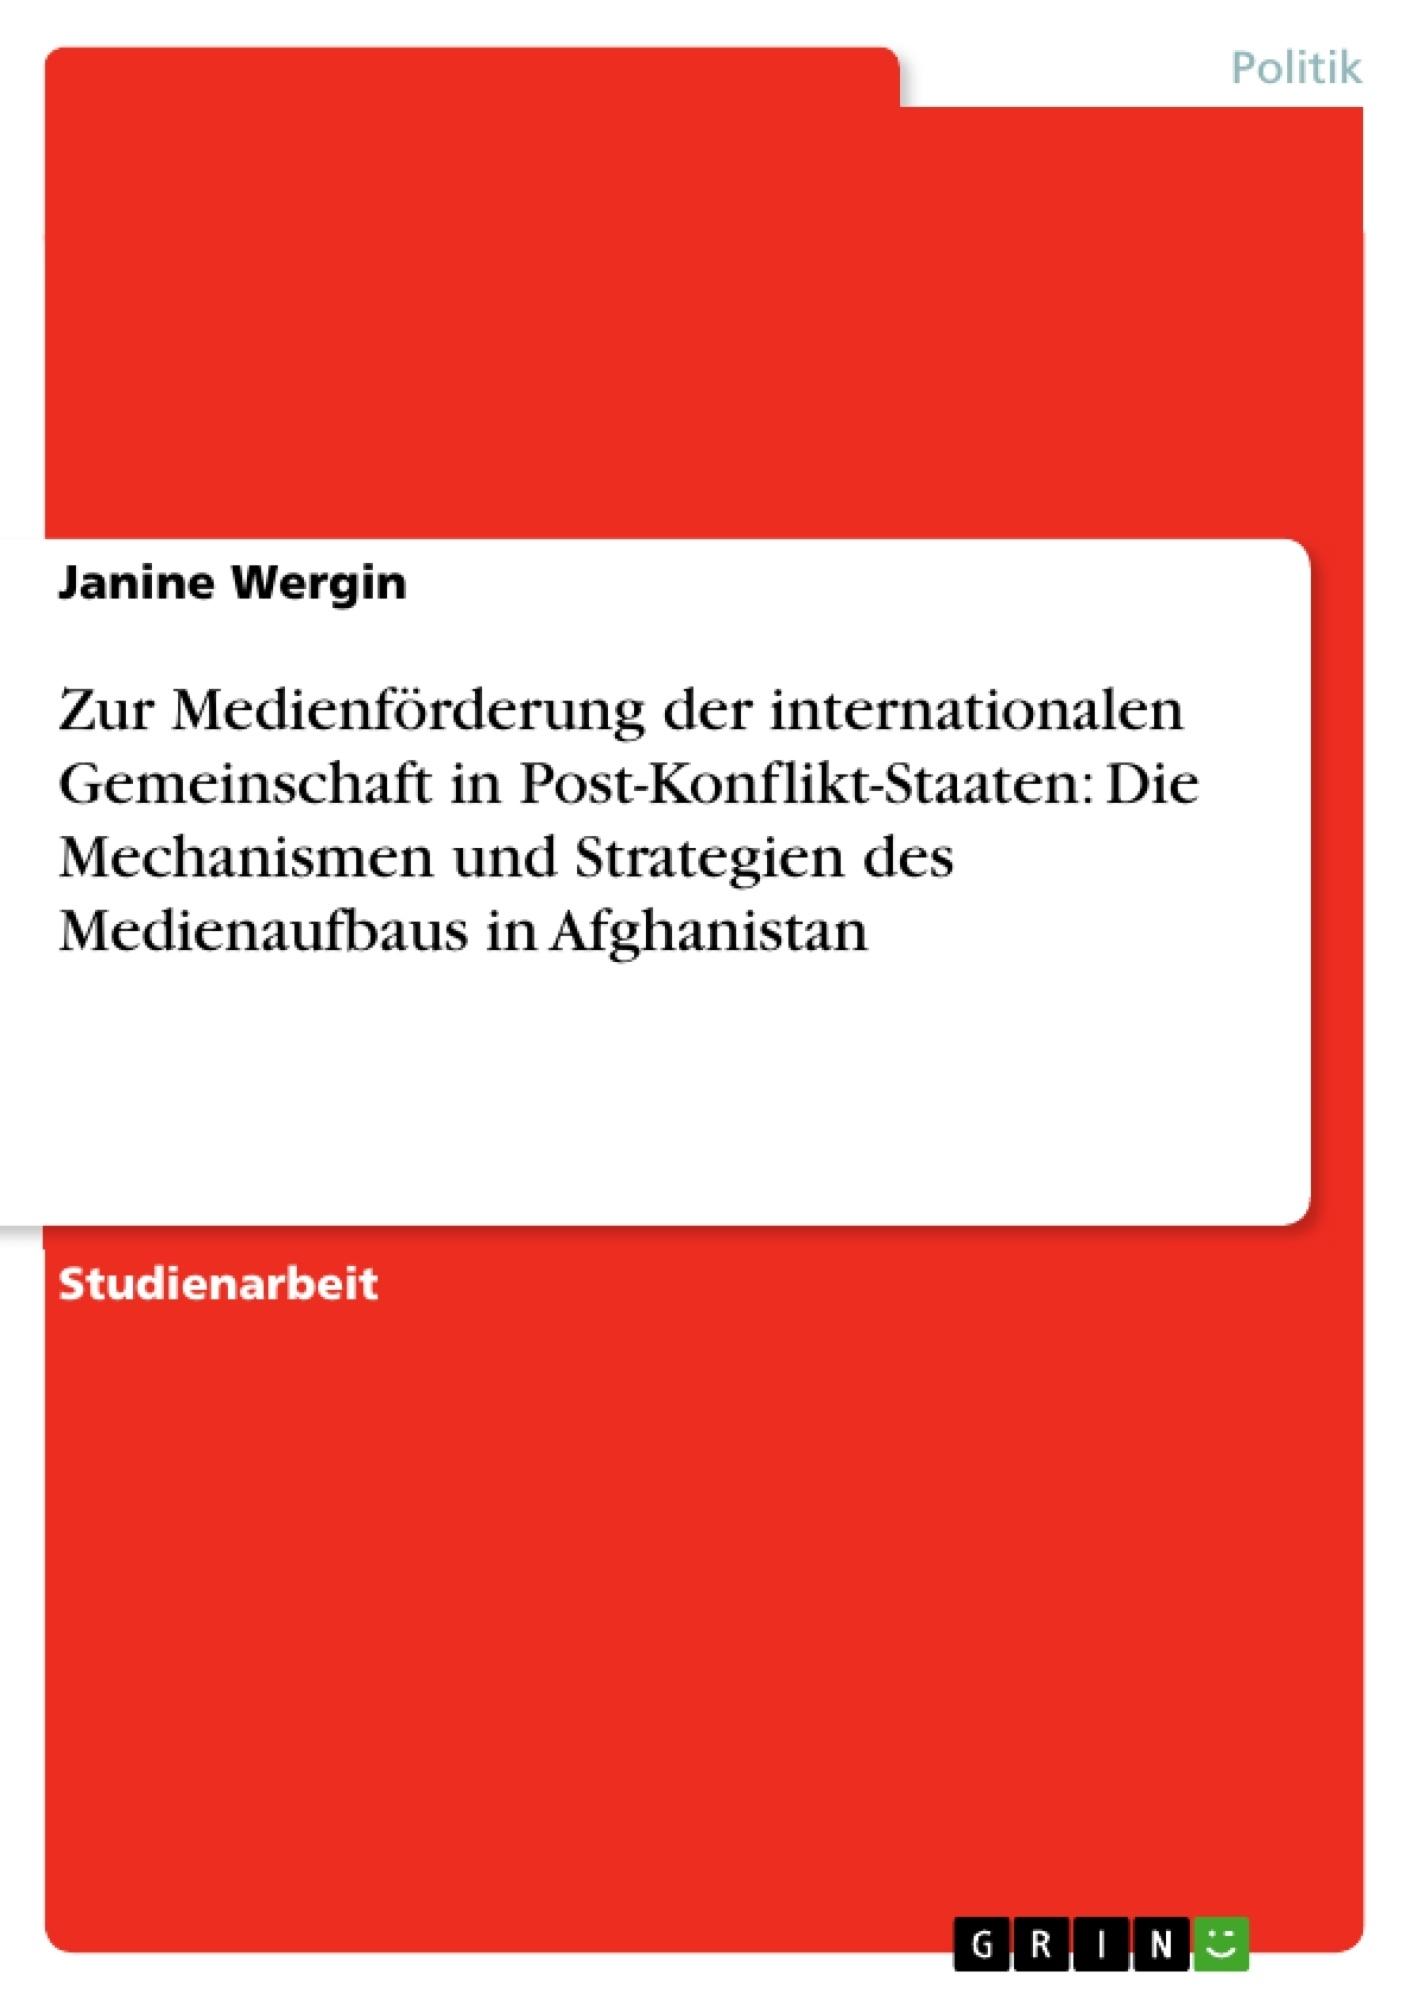 Titel: Zur Medienförderung der internationalen Gemeinschaft in Post-Konflikt-Staaten: Die Mechanismen und Strategien des Medienaufbaus in Afghanistan